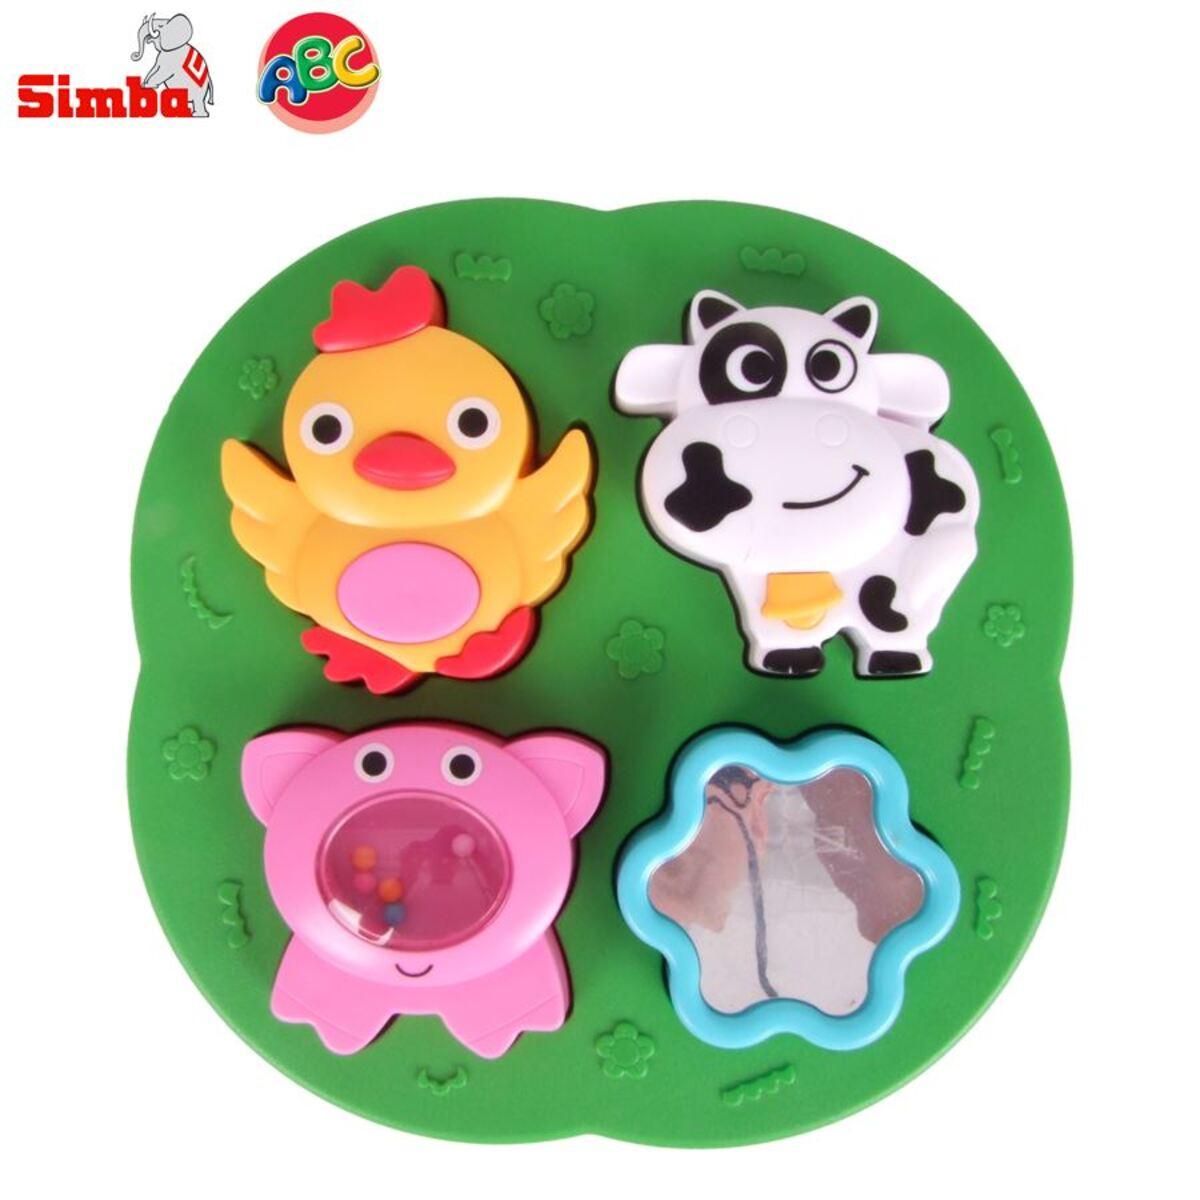 Bild 1 von Simba ABC Farmpuzzle aus Rasseln